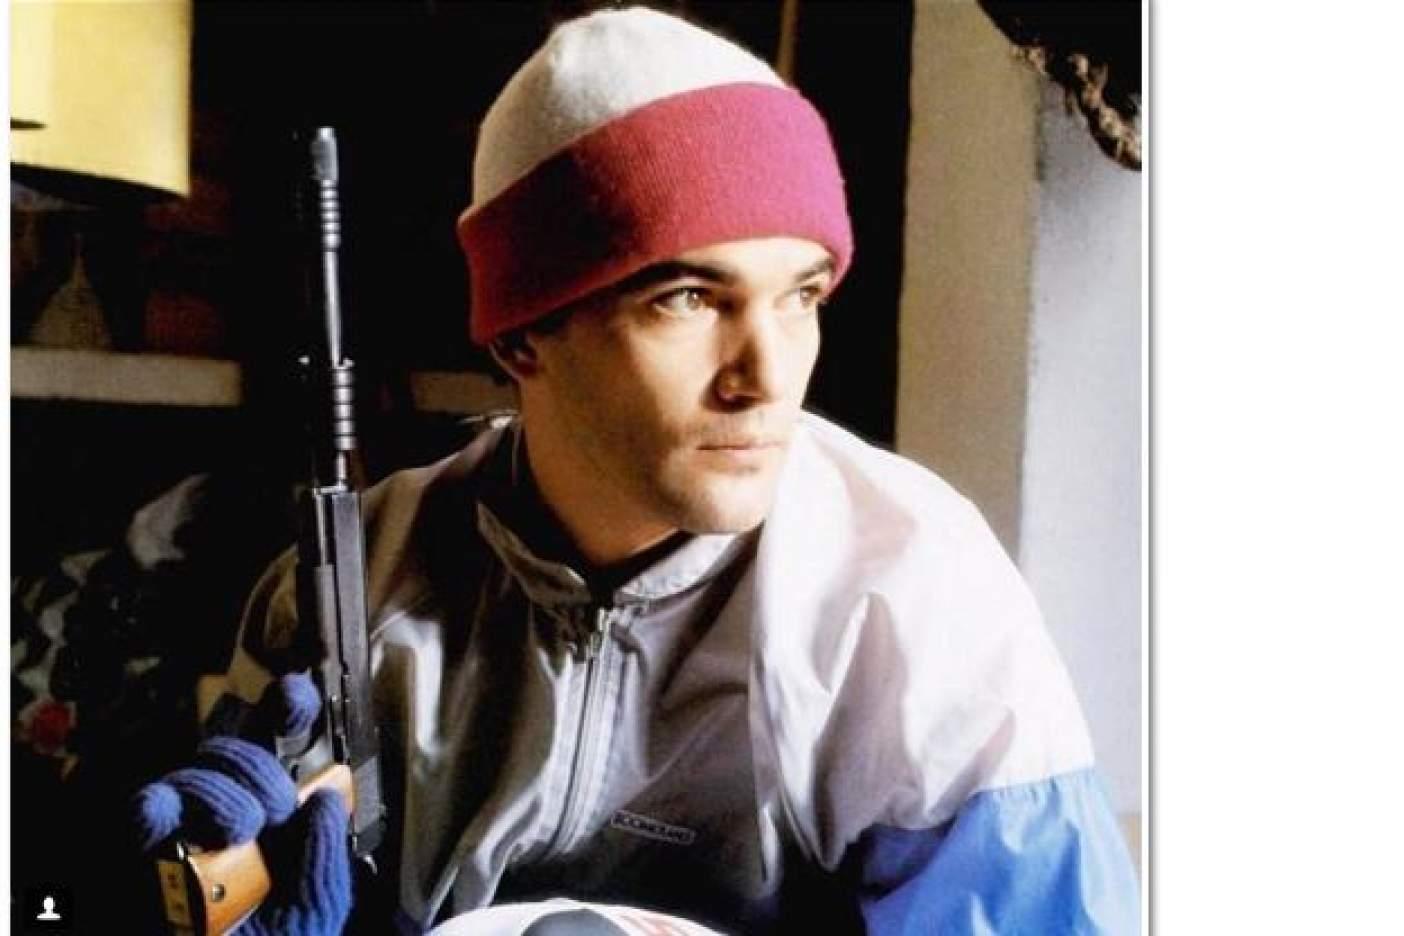 La polémica foto de Antonio Banderas durante el tiroteo en Florida